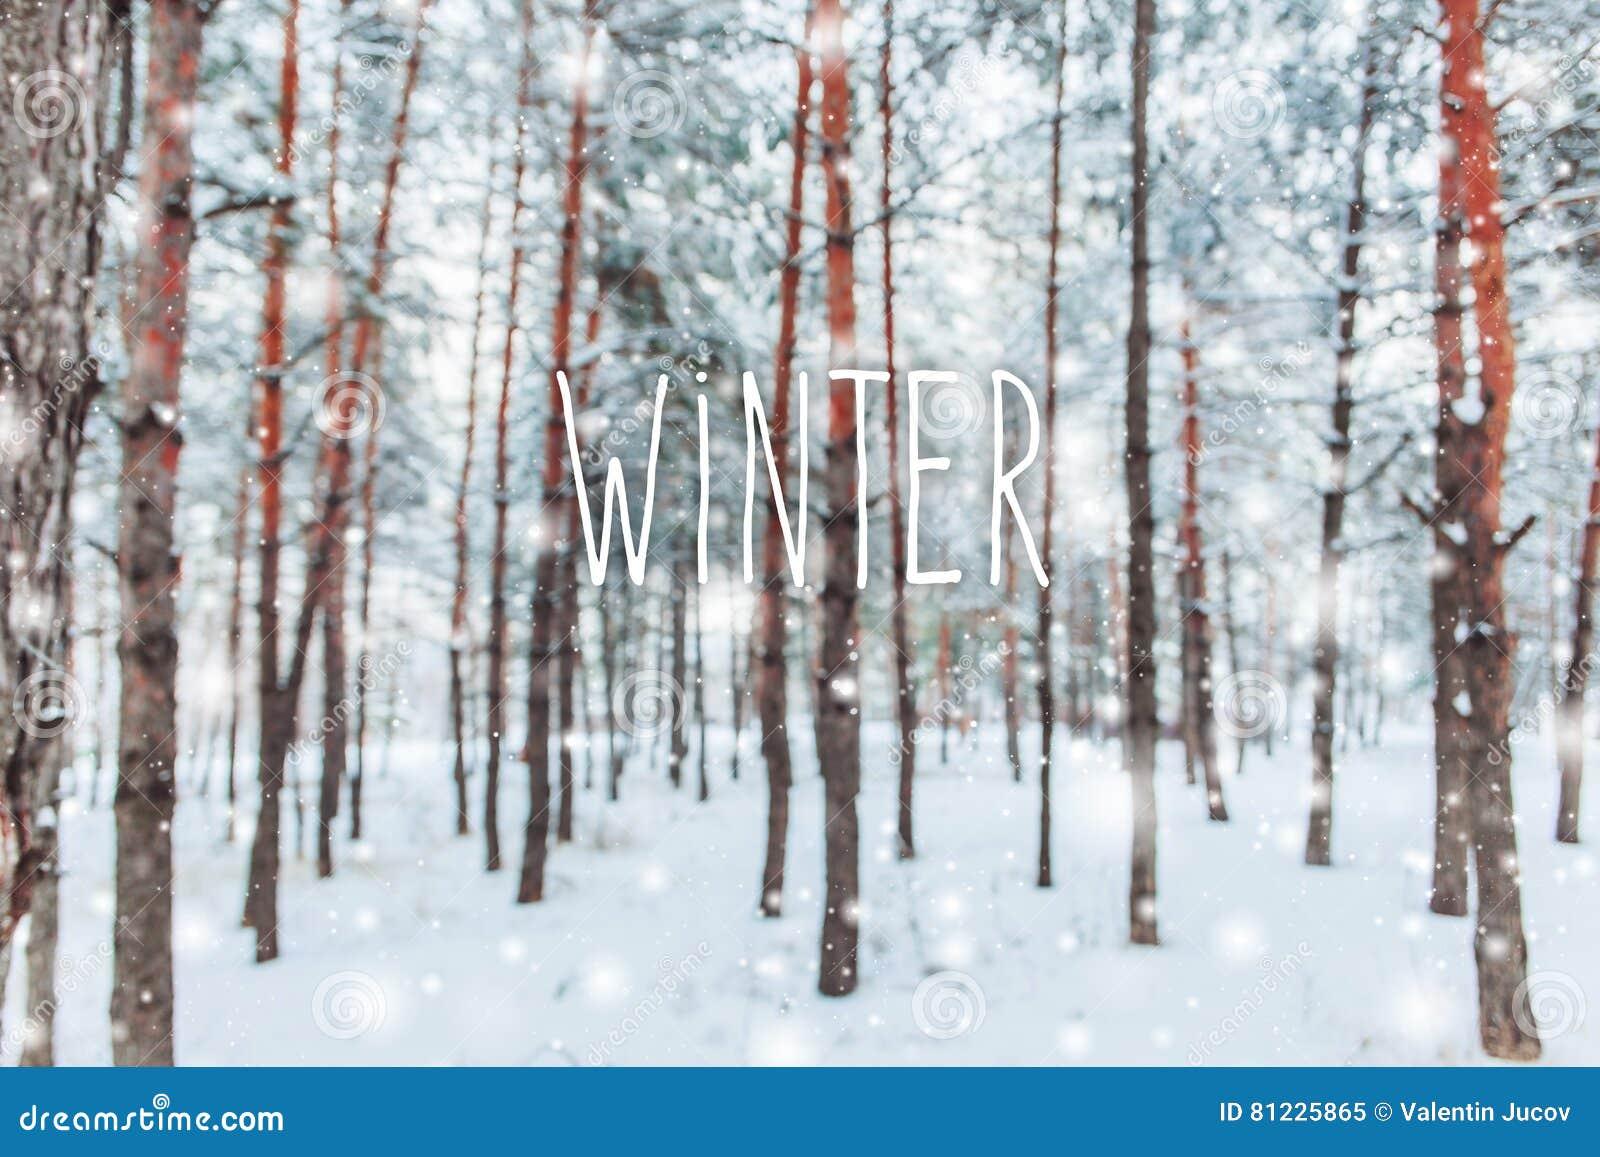 Eisige Winterlandschaft in den schneebedeckten Waldkiefernniederlassungen umfasst mit Schnee im kalten Winterwetter Weihnachtshin